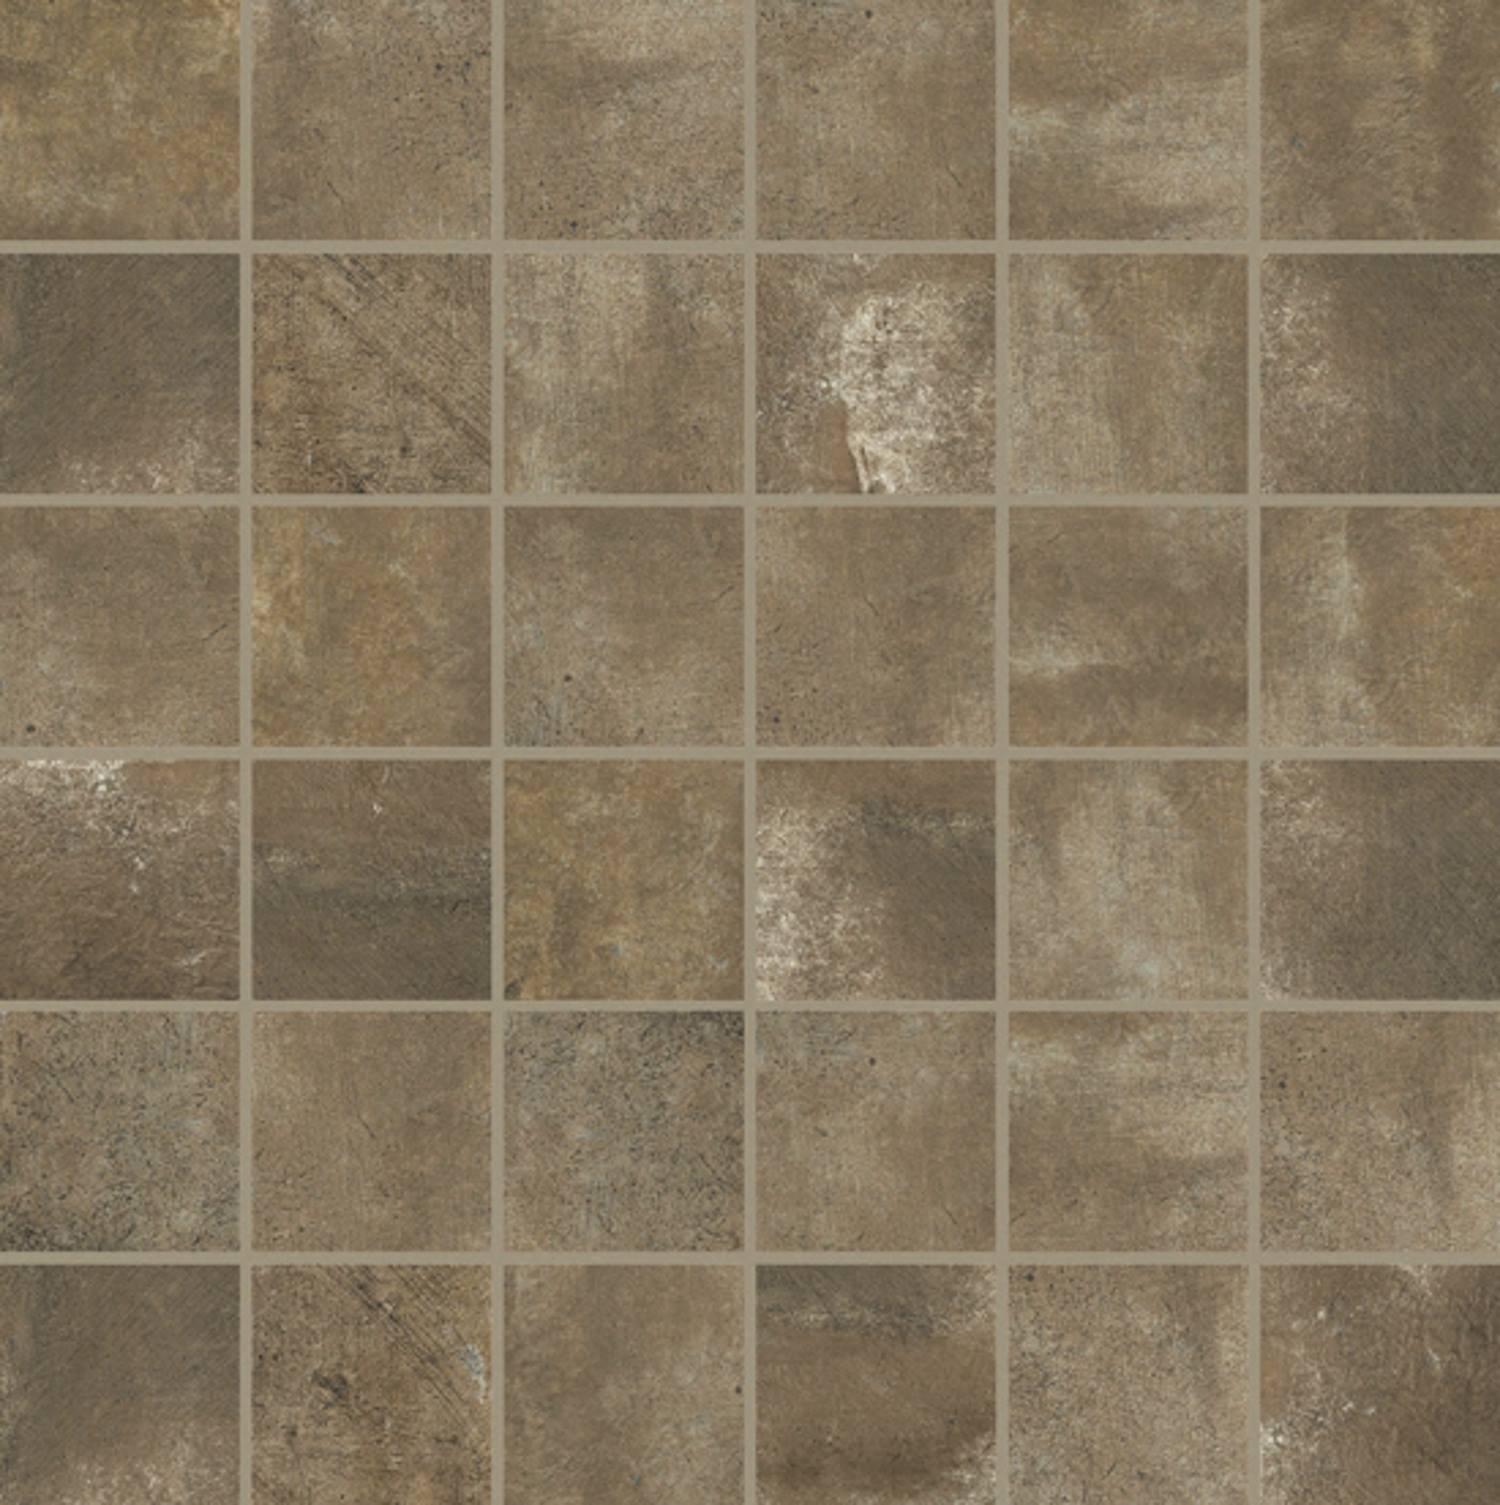 Mozaiek Douglas & Jones Matieres de Rex Manor 30x30 cm Brun per m2 Matieres